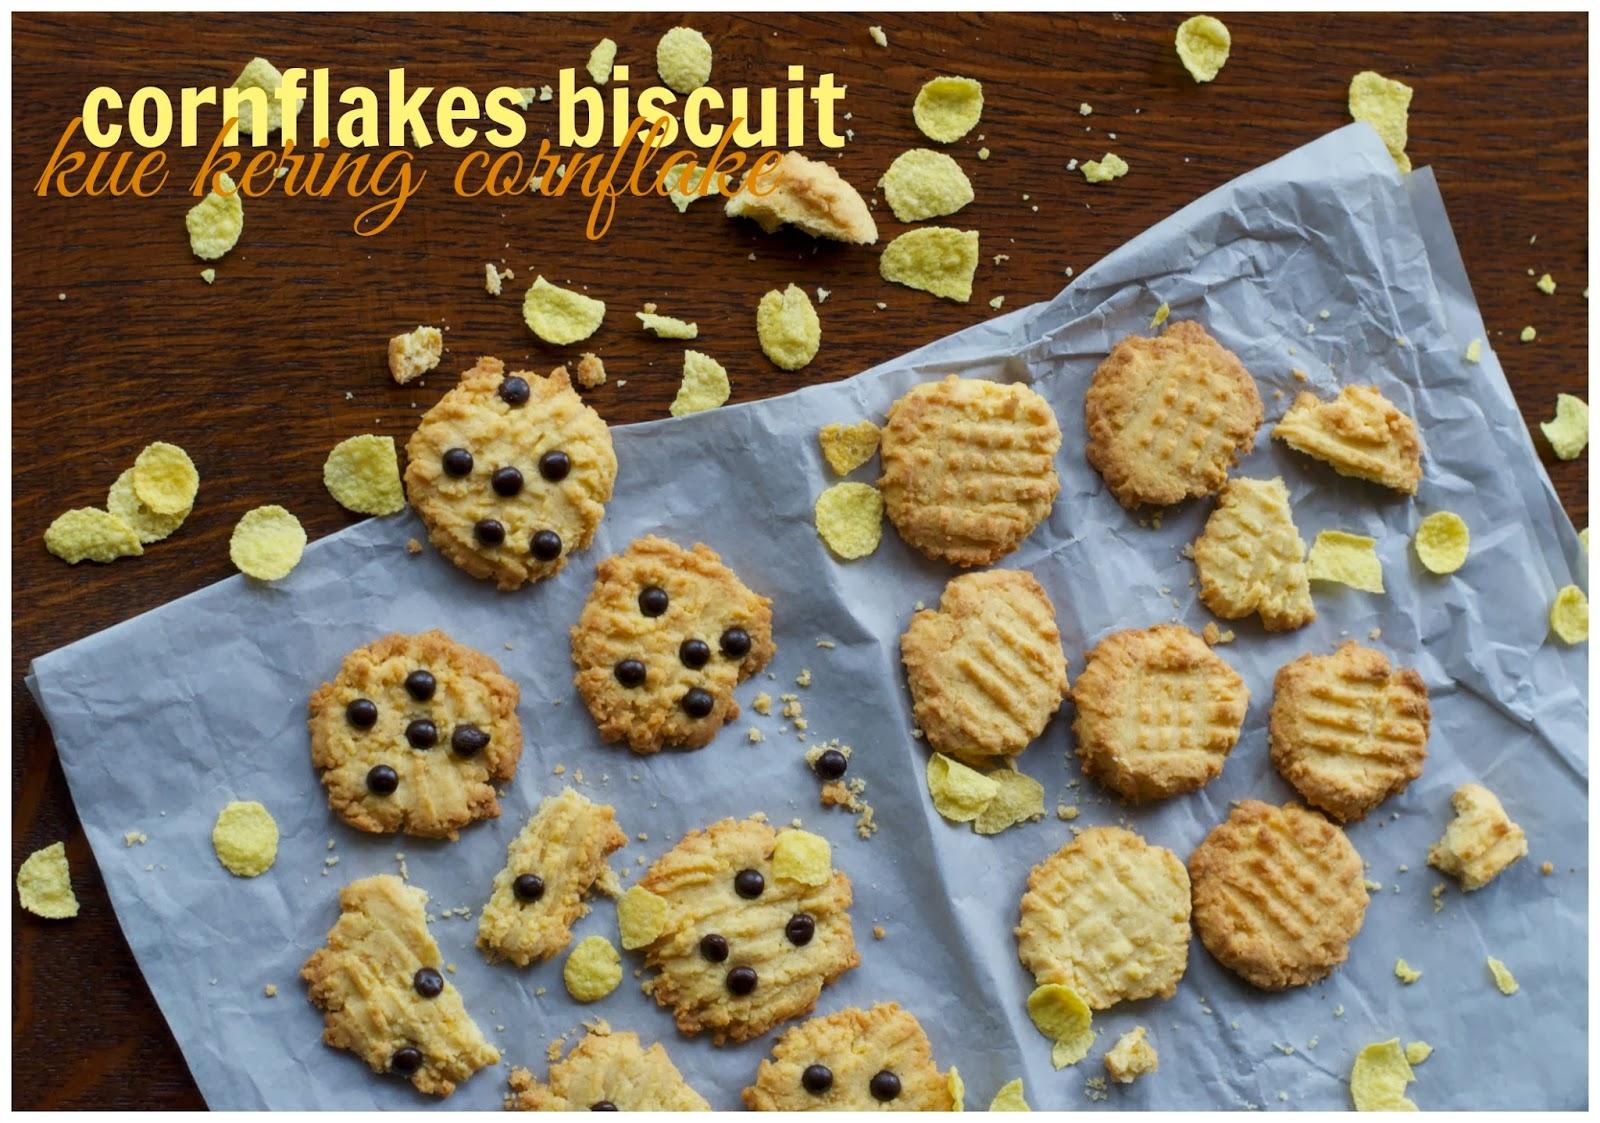 Indonesian Medan Food: Kue Kering Cornflake (Cornflakes Biscuit)